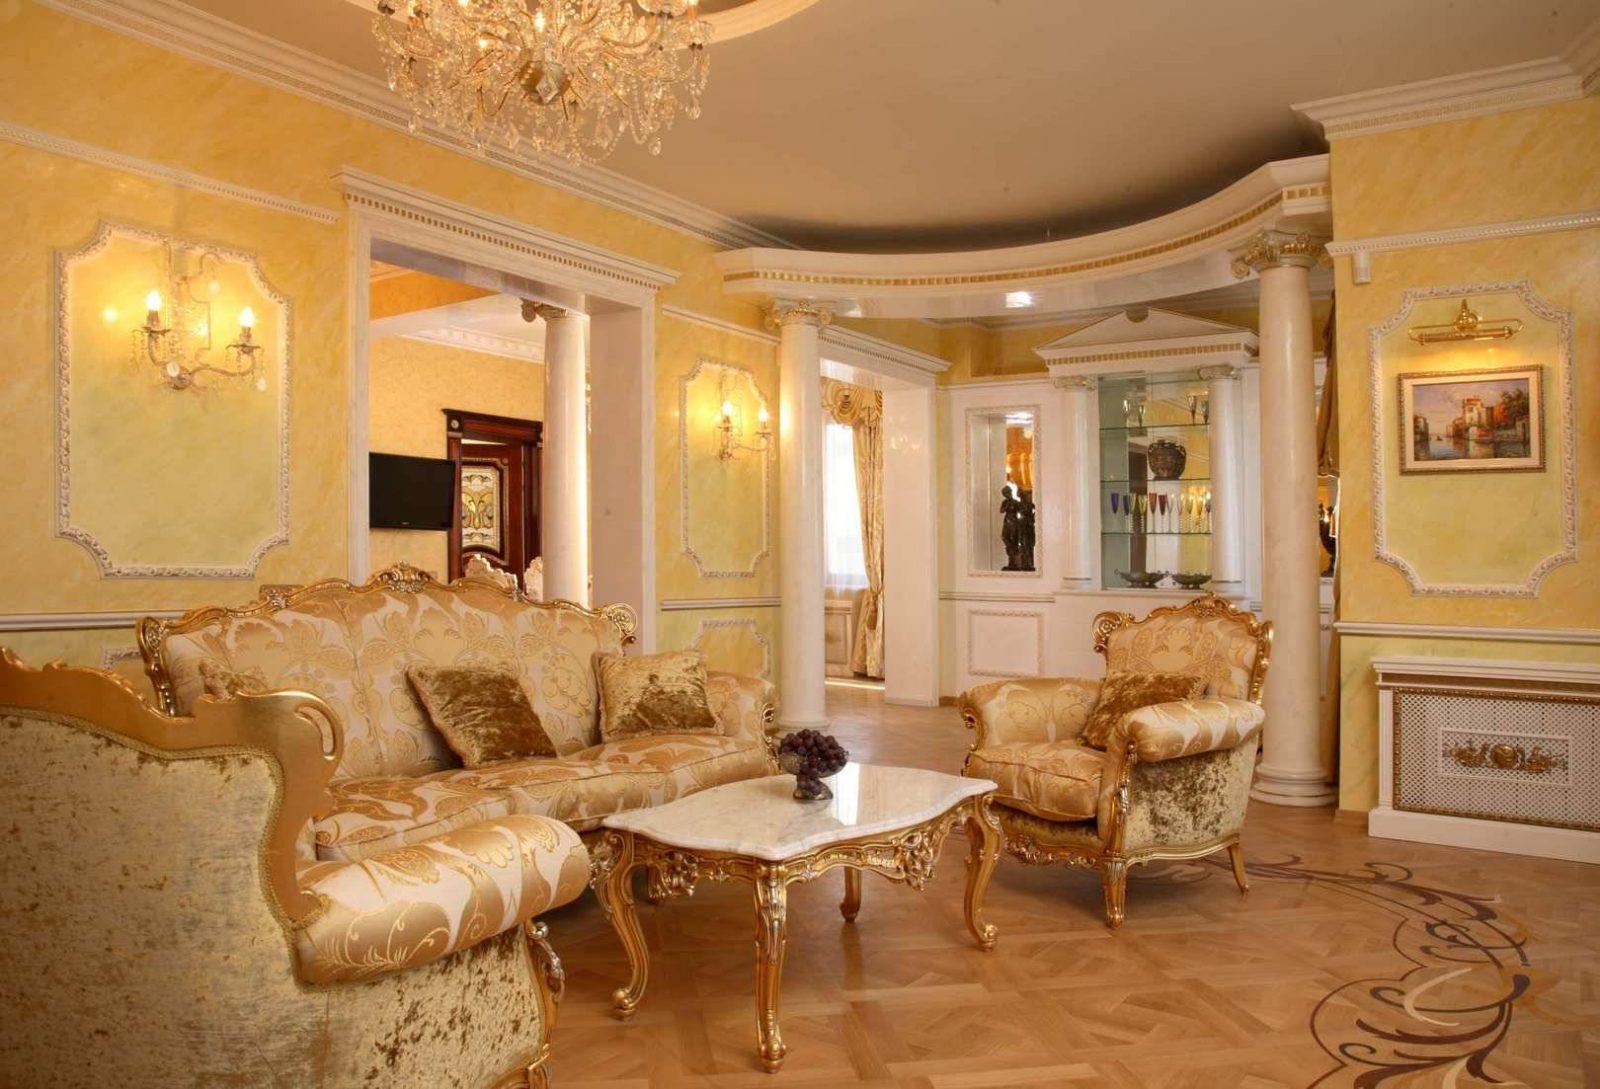 Ремонт квартир в стиле барокко фото